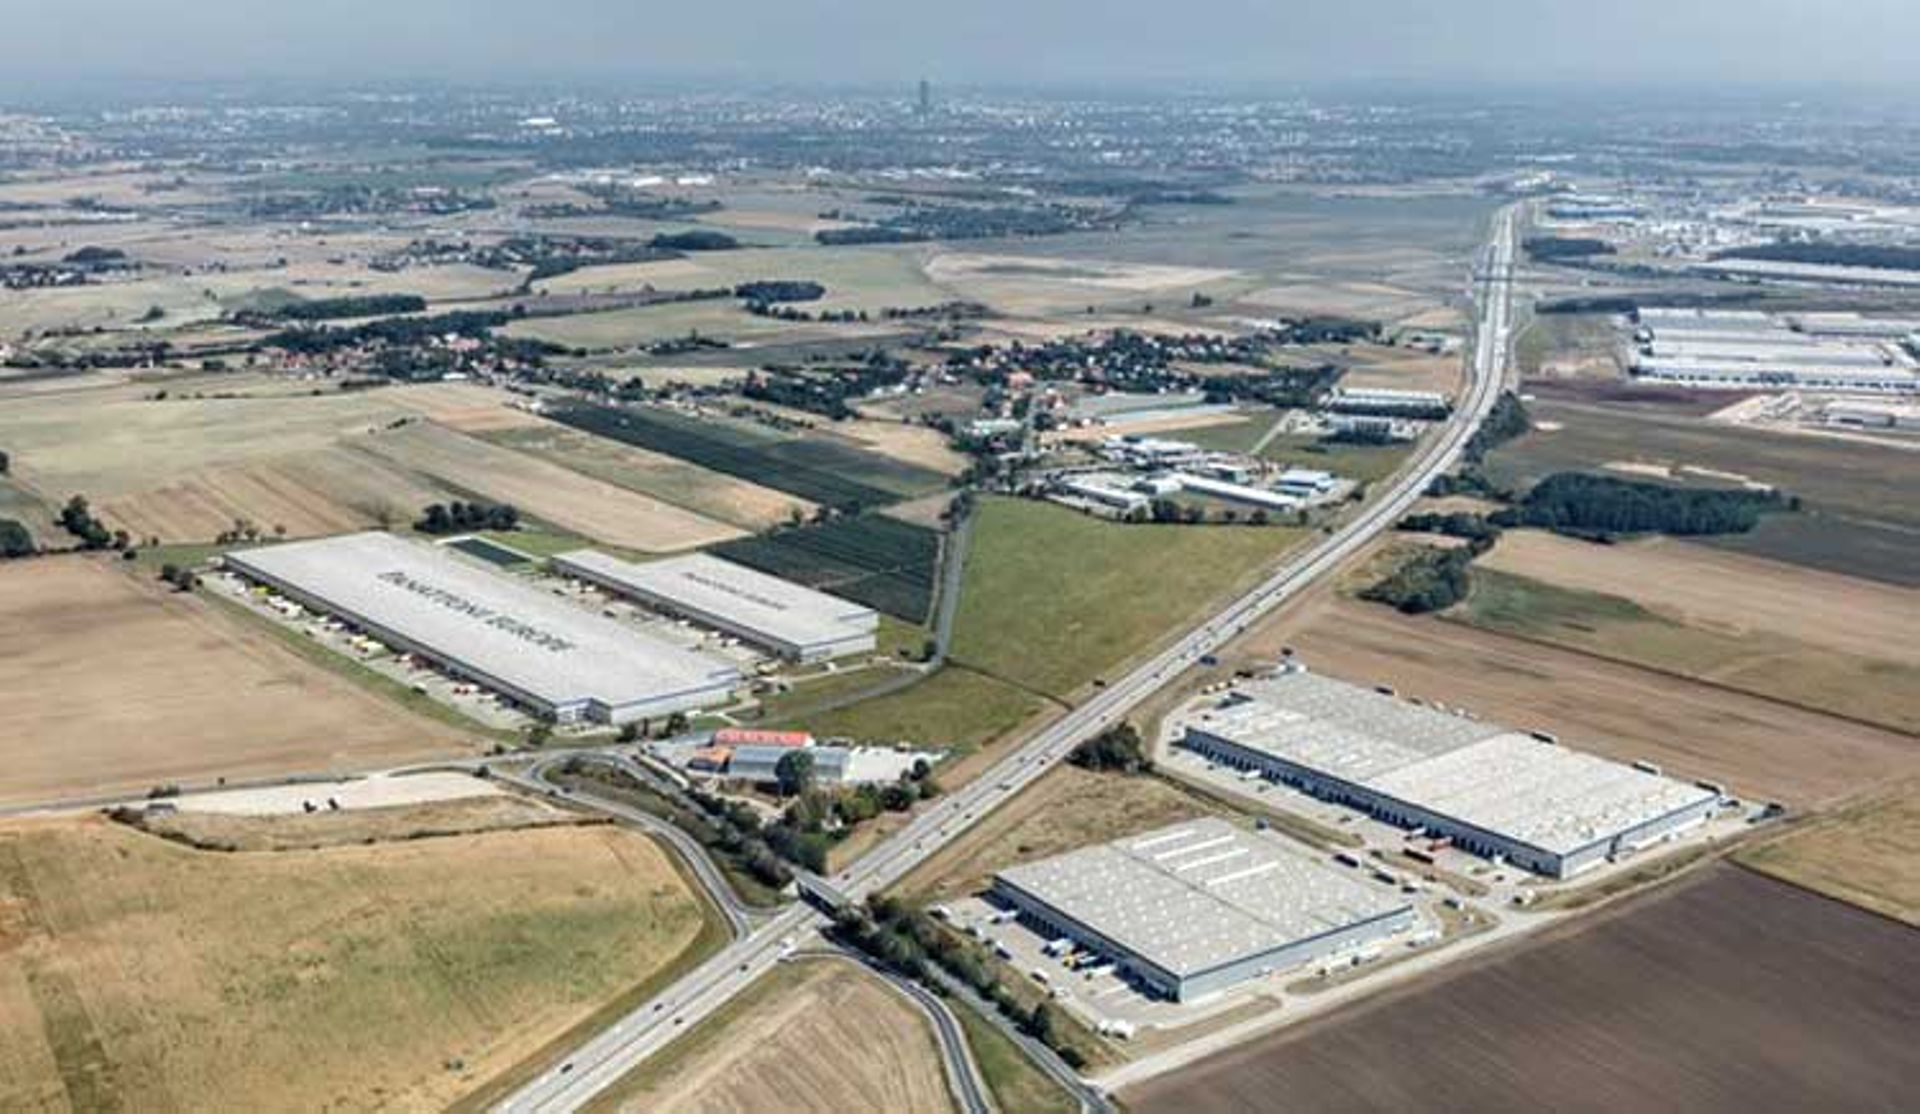 [Aglomeracja Wrocławska] Ruszyła budowa wielkiej inwestycji Panattoni Europe